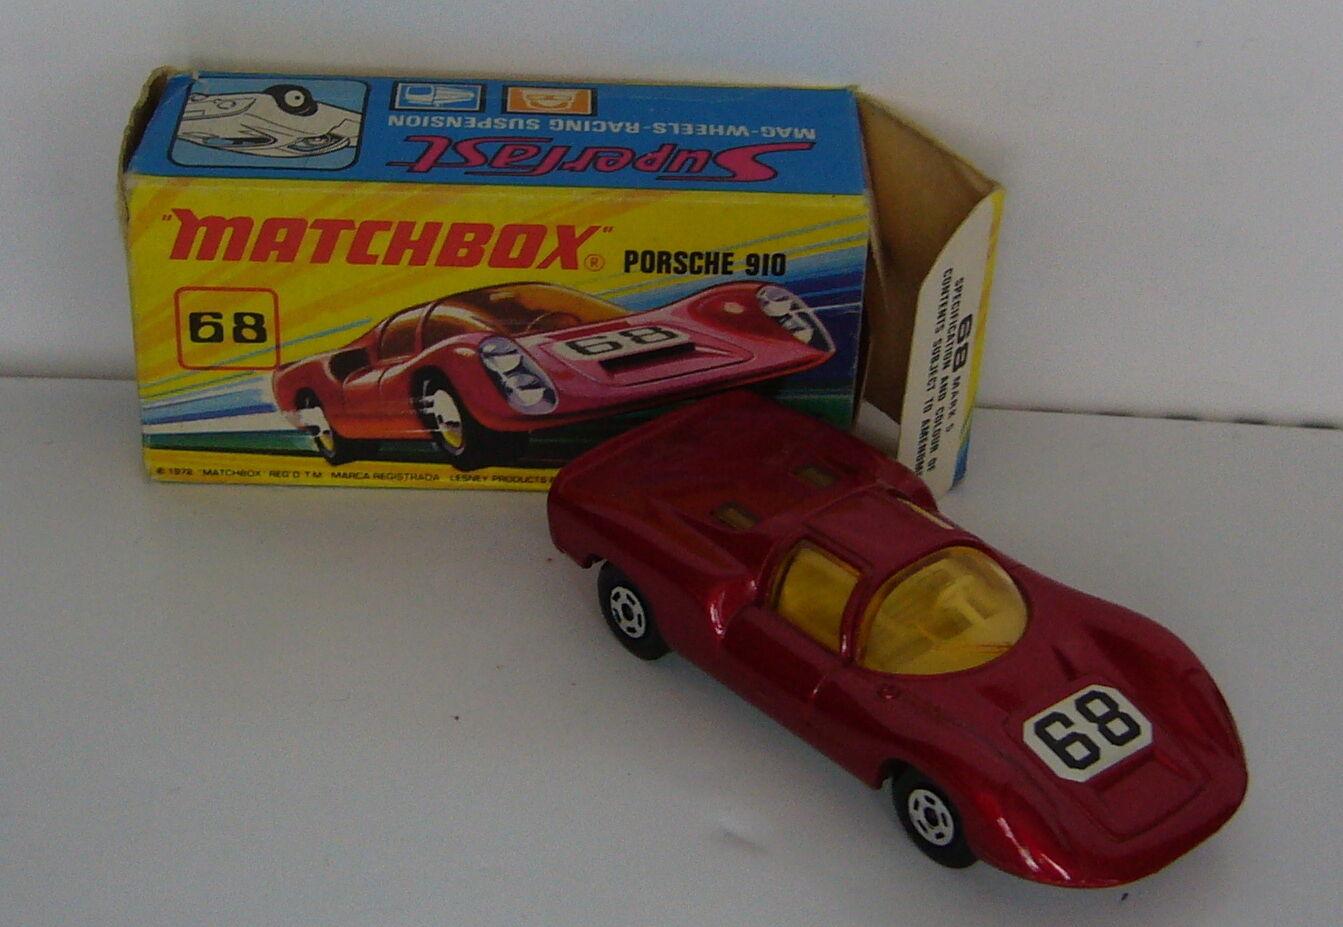 MATCHBOX-SUPERFAST-MB 68 PORSCHE 910-Neuf dans sa boîte